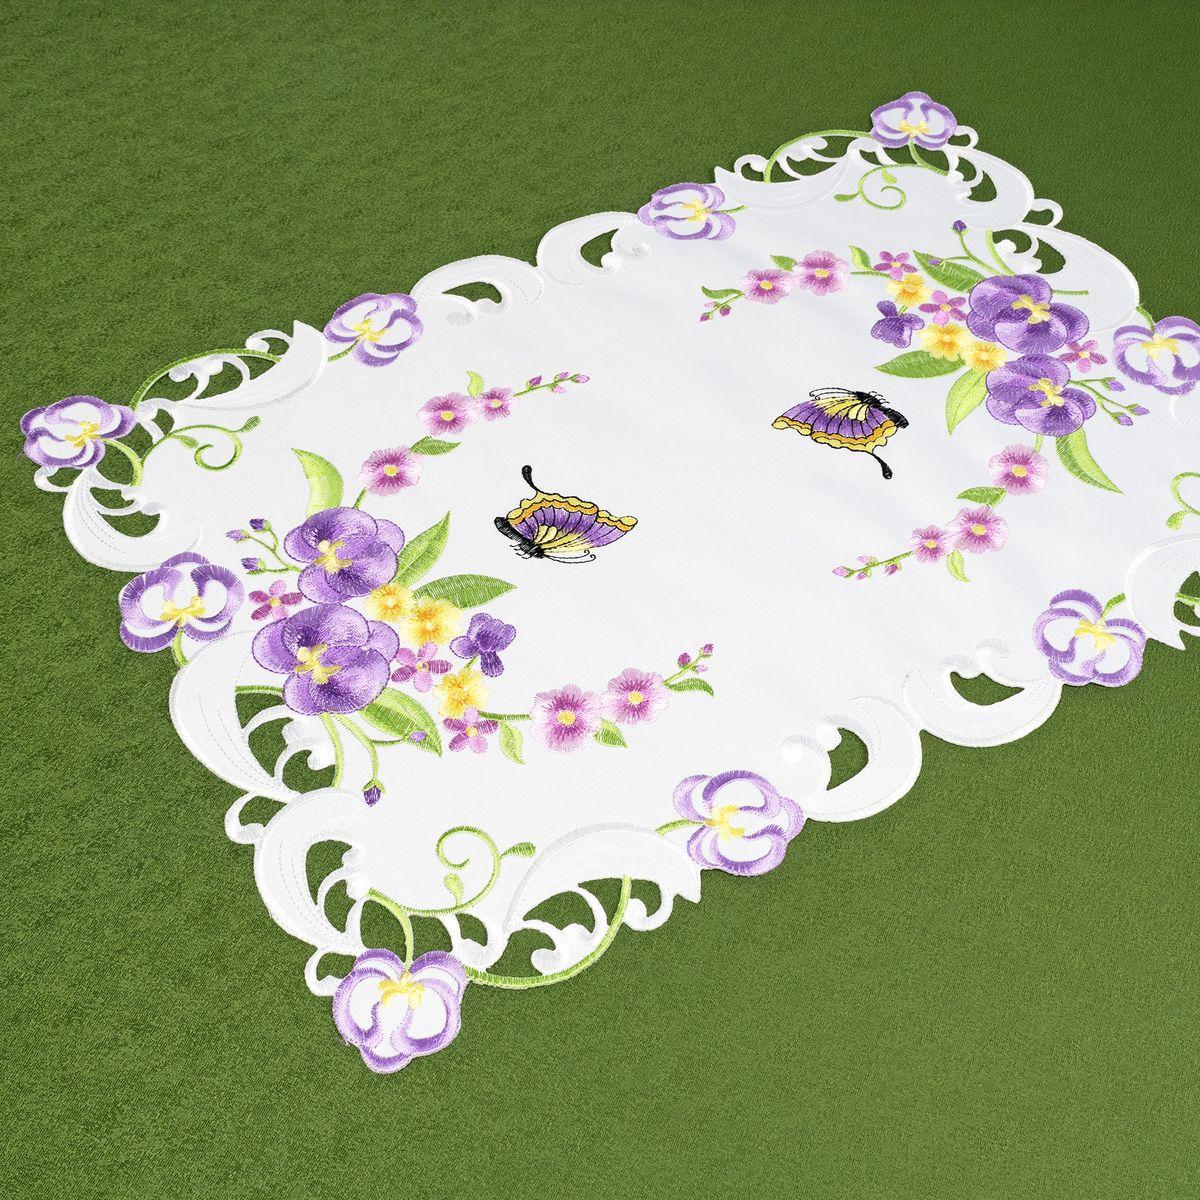 Салфетка Schaefer, 35 х 50 см. 07745-303BM1514ROSENTURKUAZ_AЯркая и красивая салфетка Schaefer, выполненная из полиэстера, украшена красочным изображением. Изделие легко стирать и гладить, оно не требует специального ухода. Вы можете использовать салфетку для декорирования стола, комода, журнального столика.Она добавит в ваш дом стиля, изысканности и убережет мебель от царапин и потертостей.